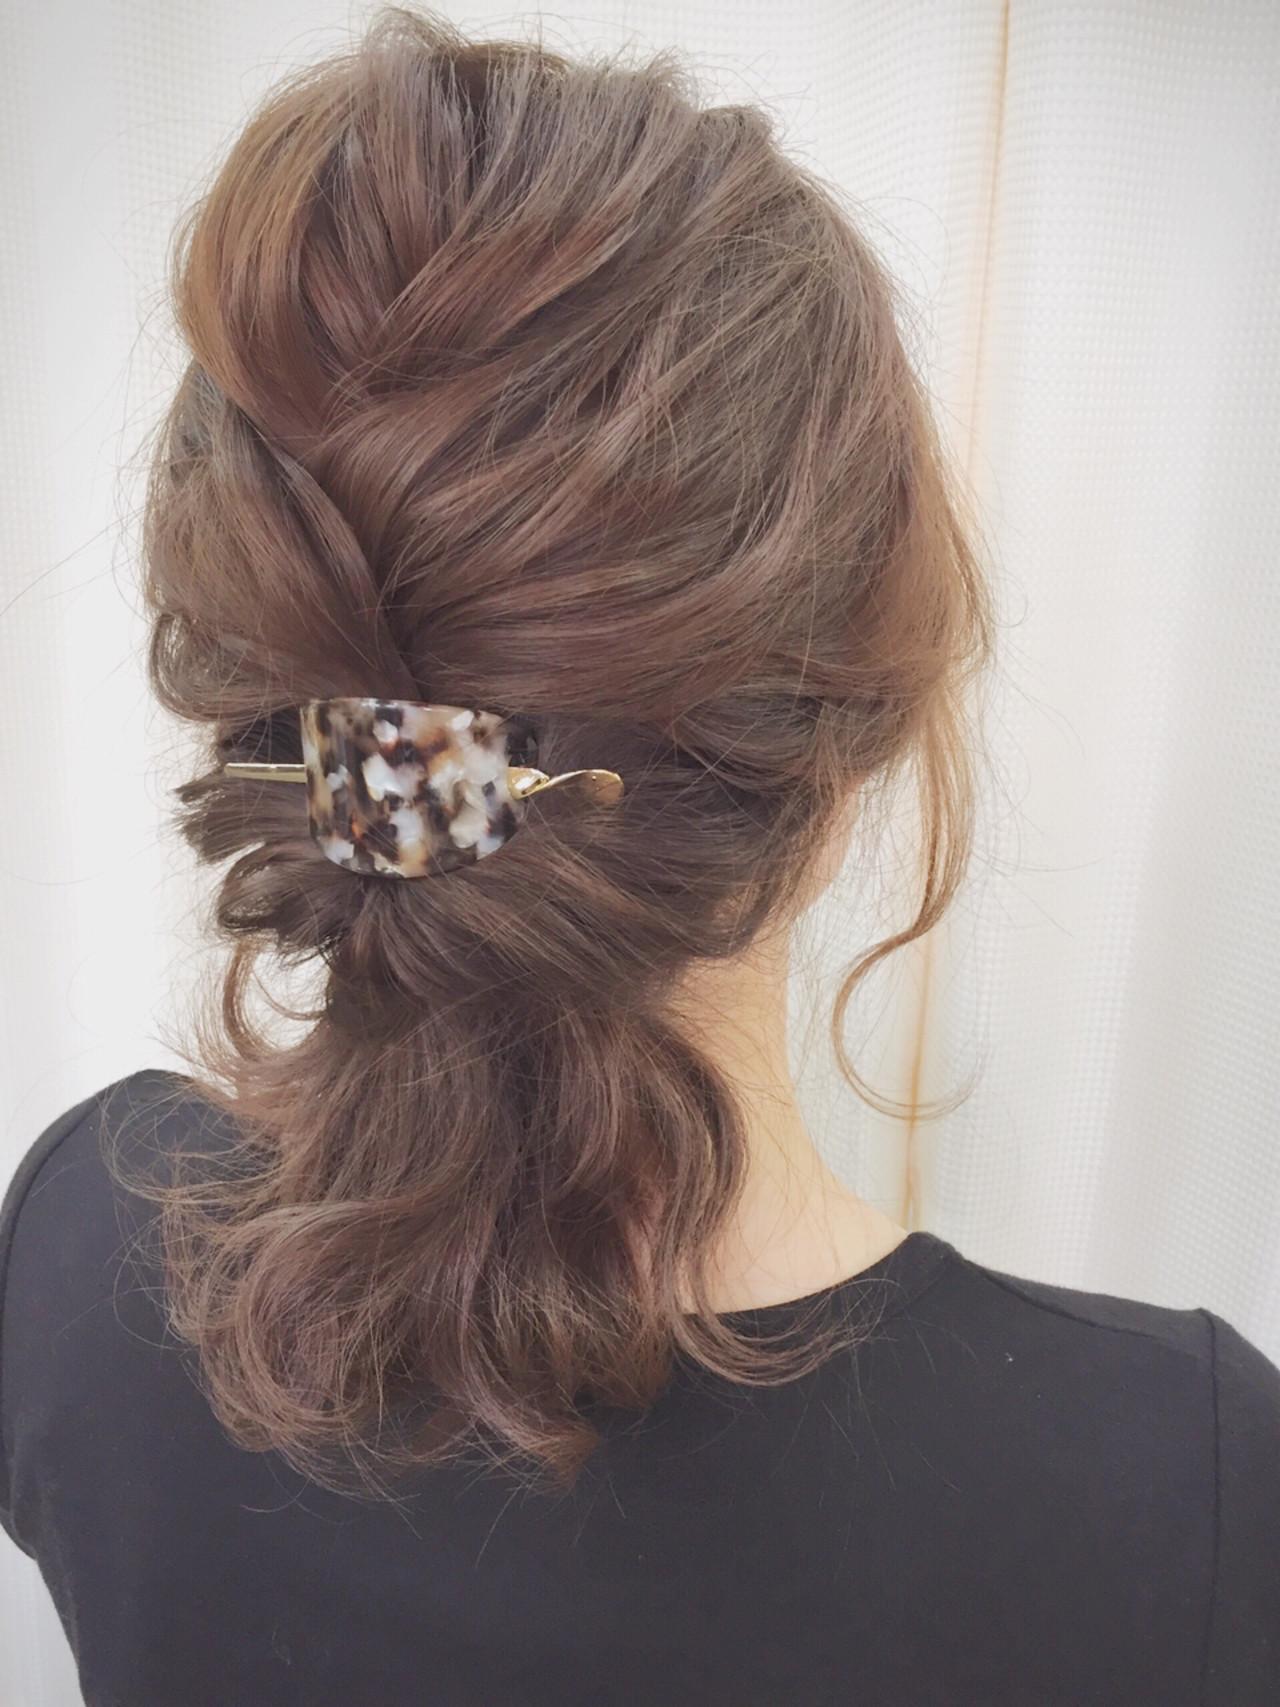 ミディアム パーティ 結婚式 ヘアアレンジ ヘアスタイルや髪型の写真・画像